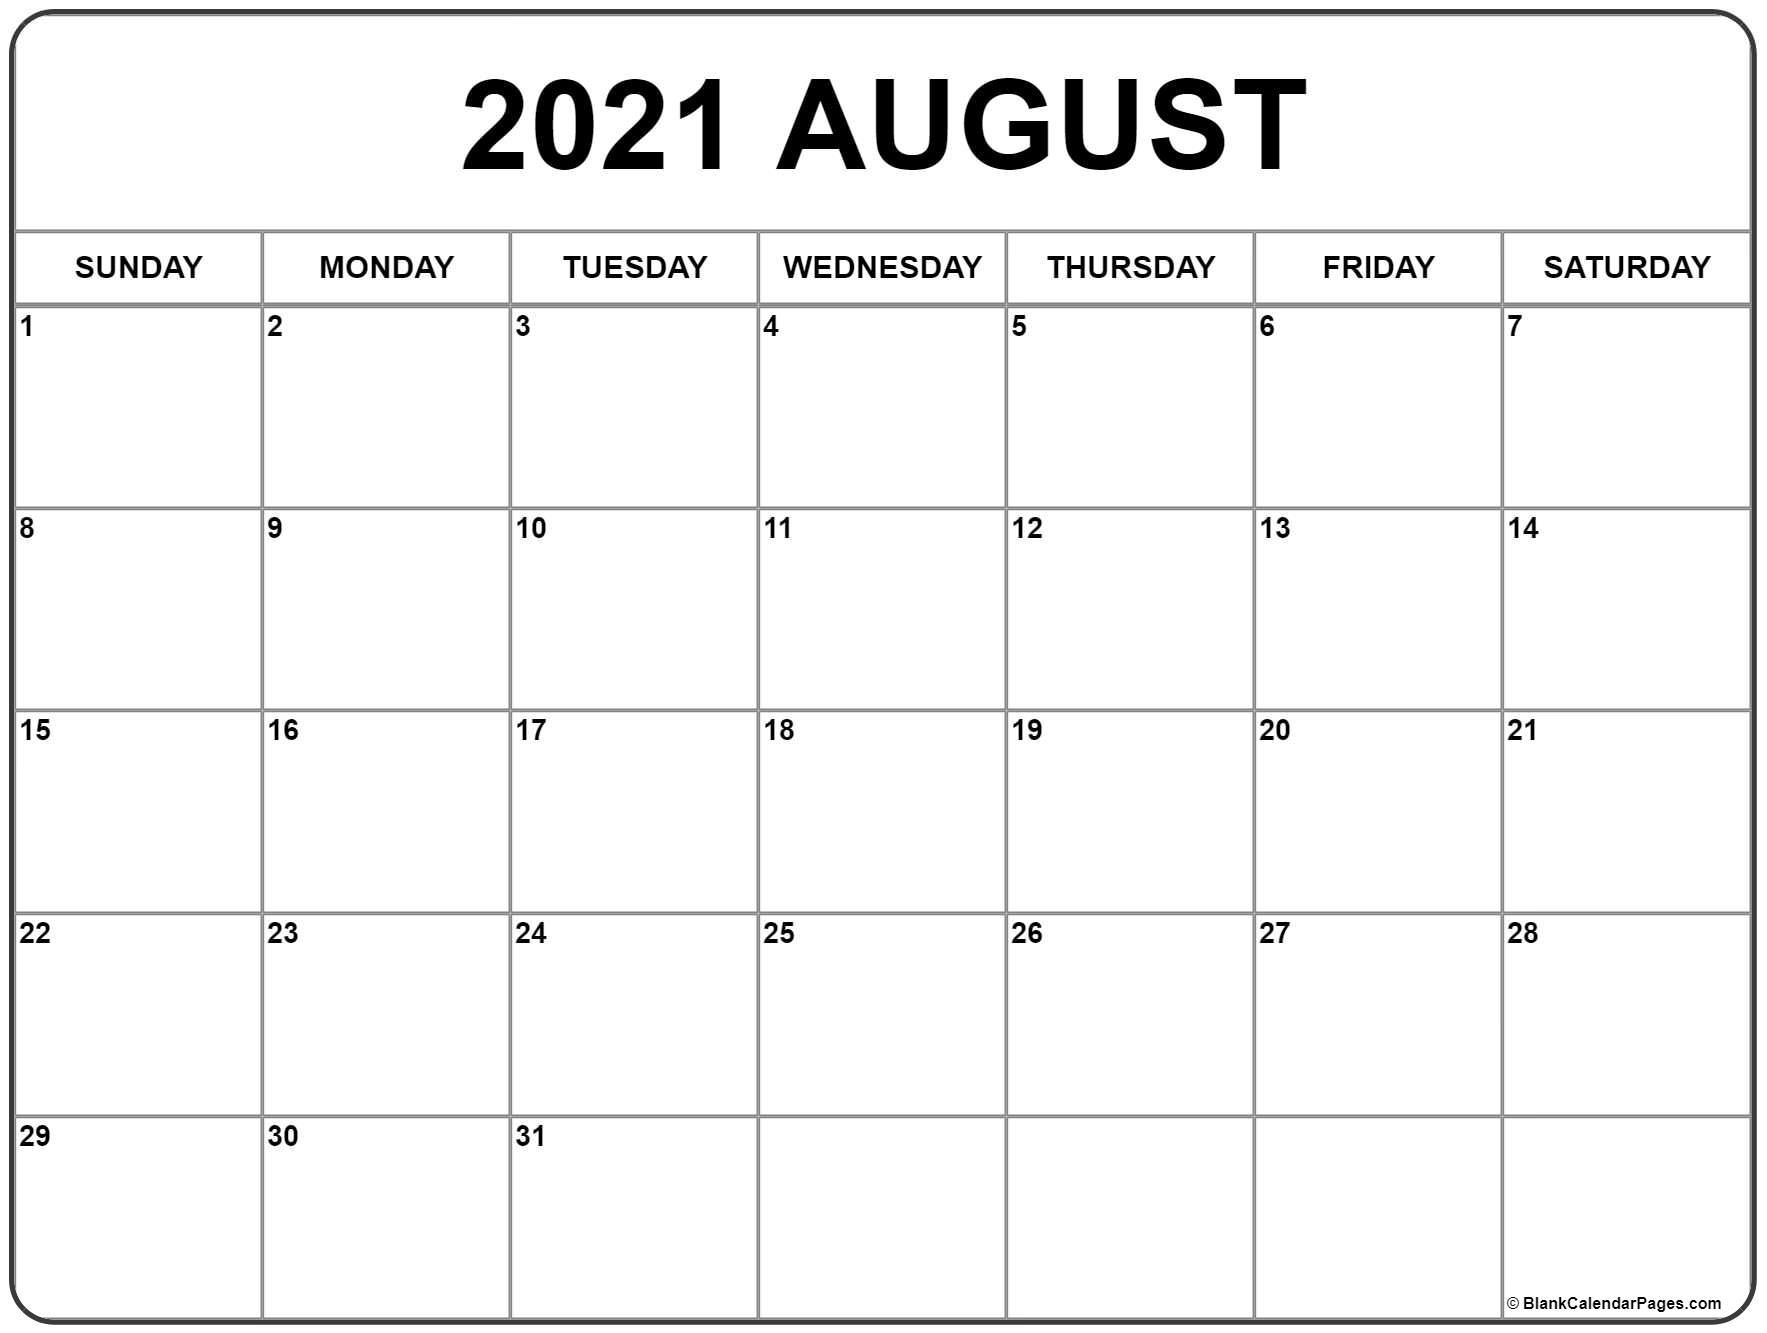 Get Calendar Of August Through December 2021